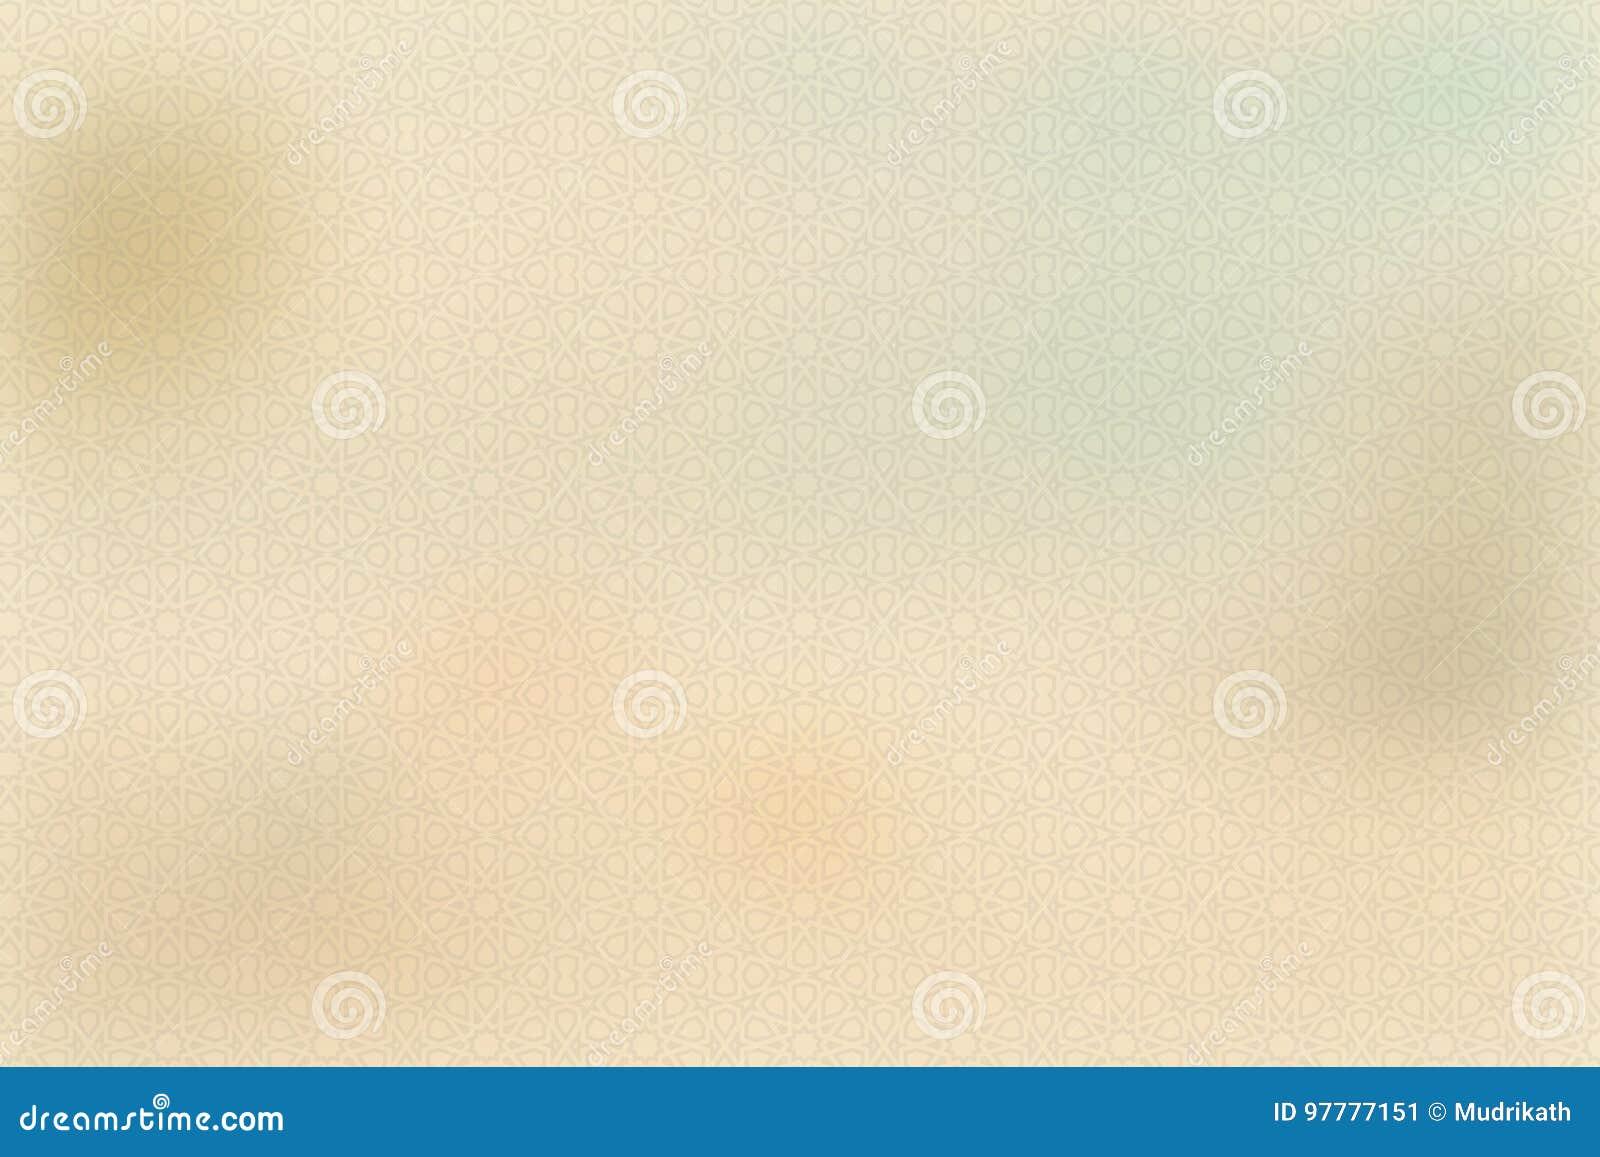 Crema amarilla o color beige, papel de pergamino, pendiente en colores pastel abstracta del vintage del oro con el fondo marrón,